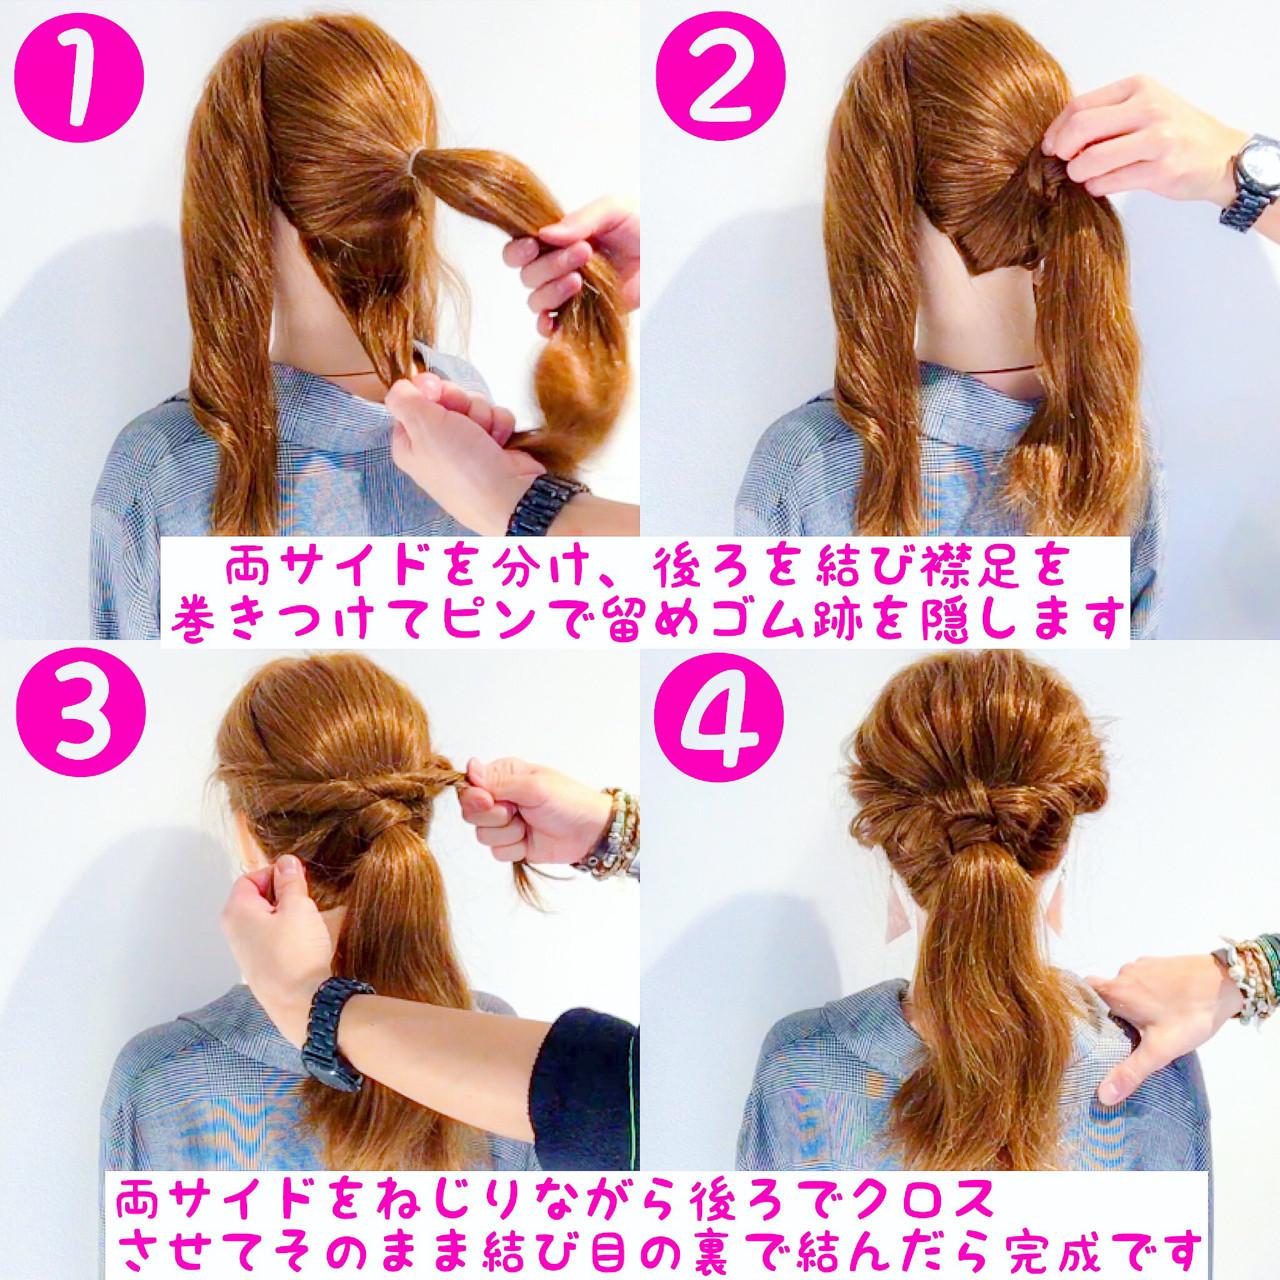 セミロング ナチュラル デート ヘアアレンジヘアスタイルや髪型の写真・画像